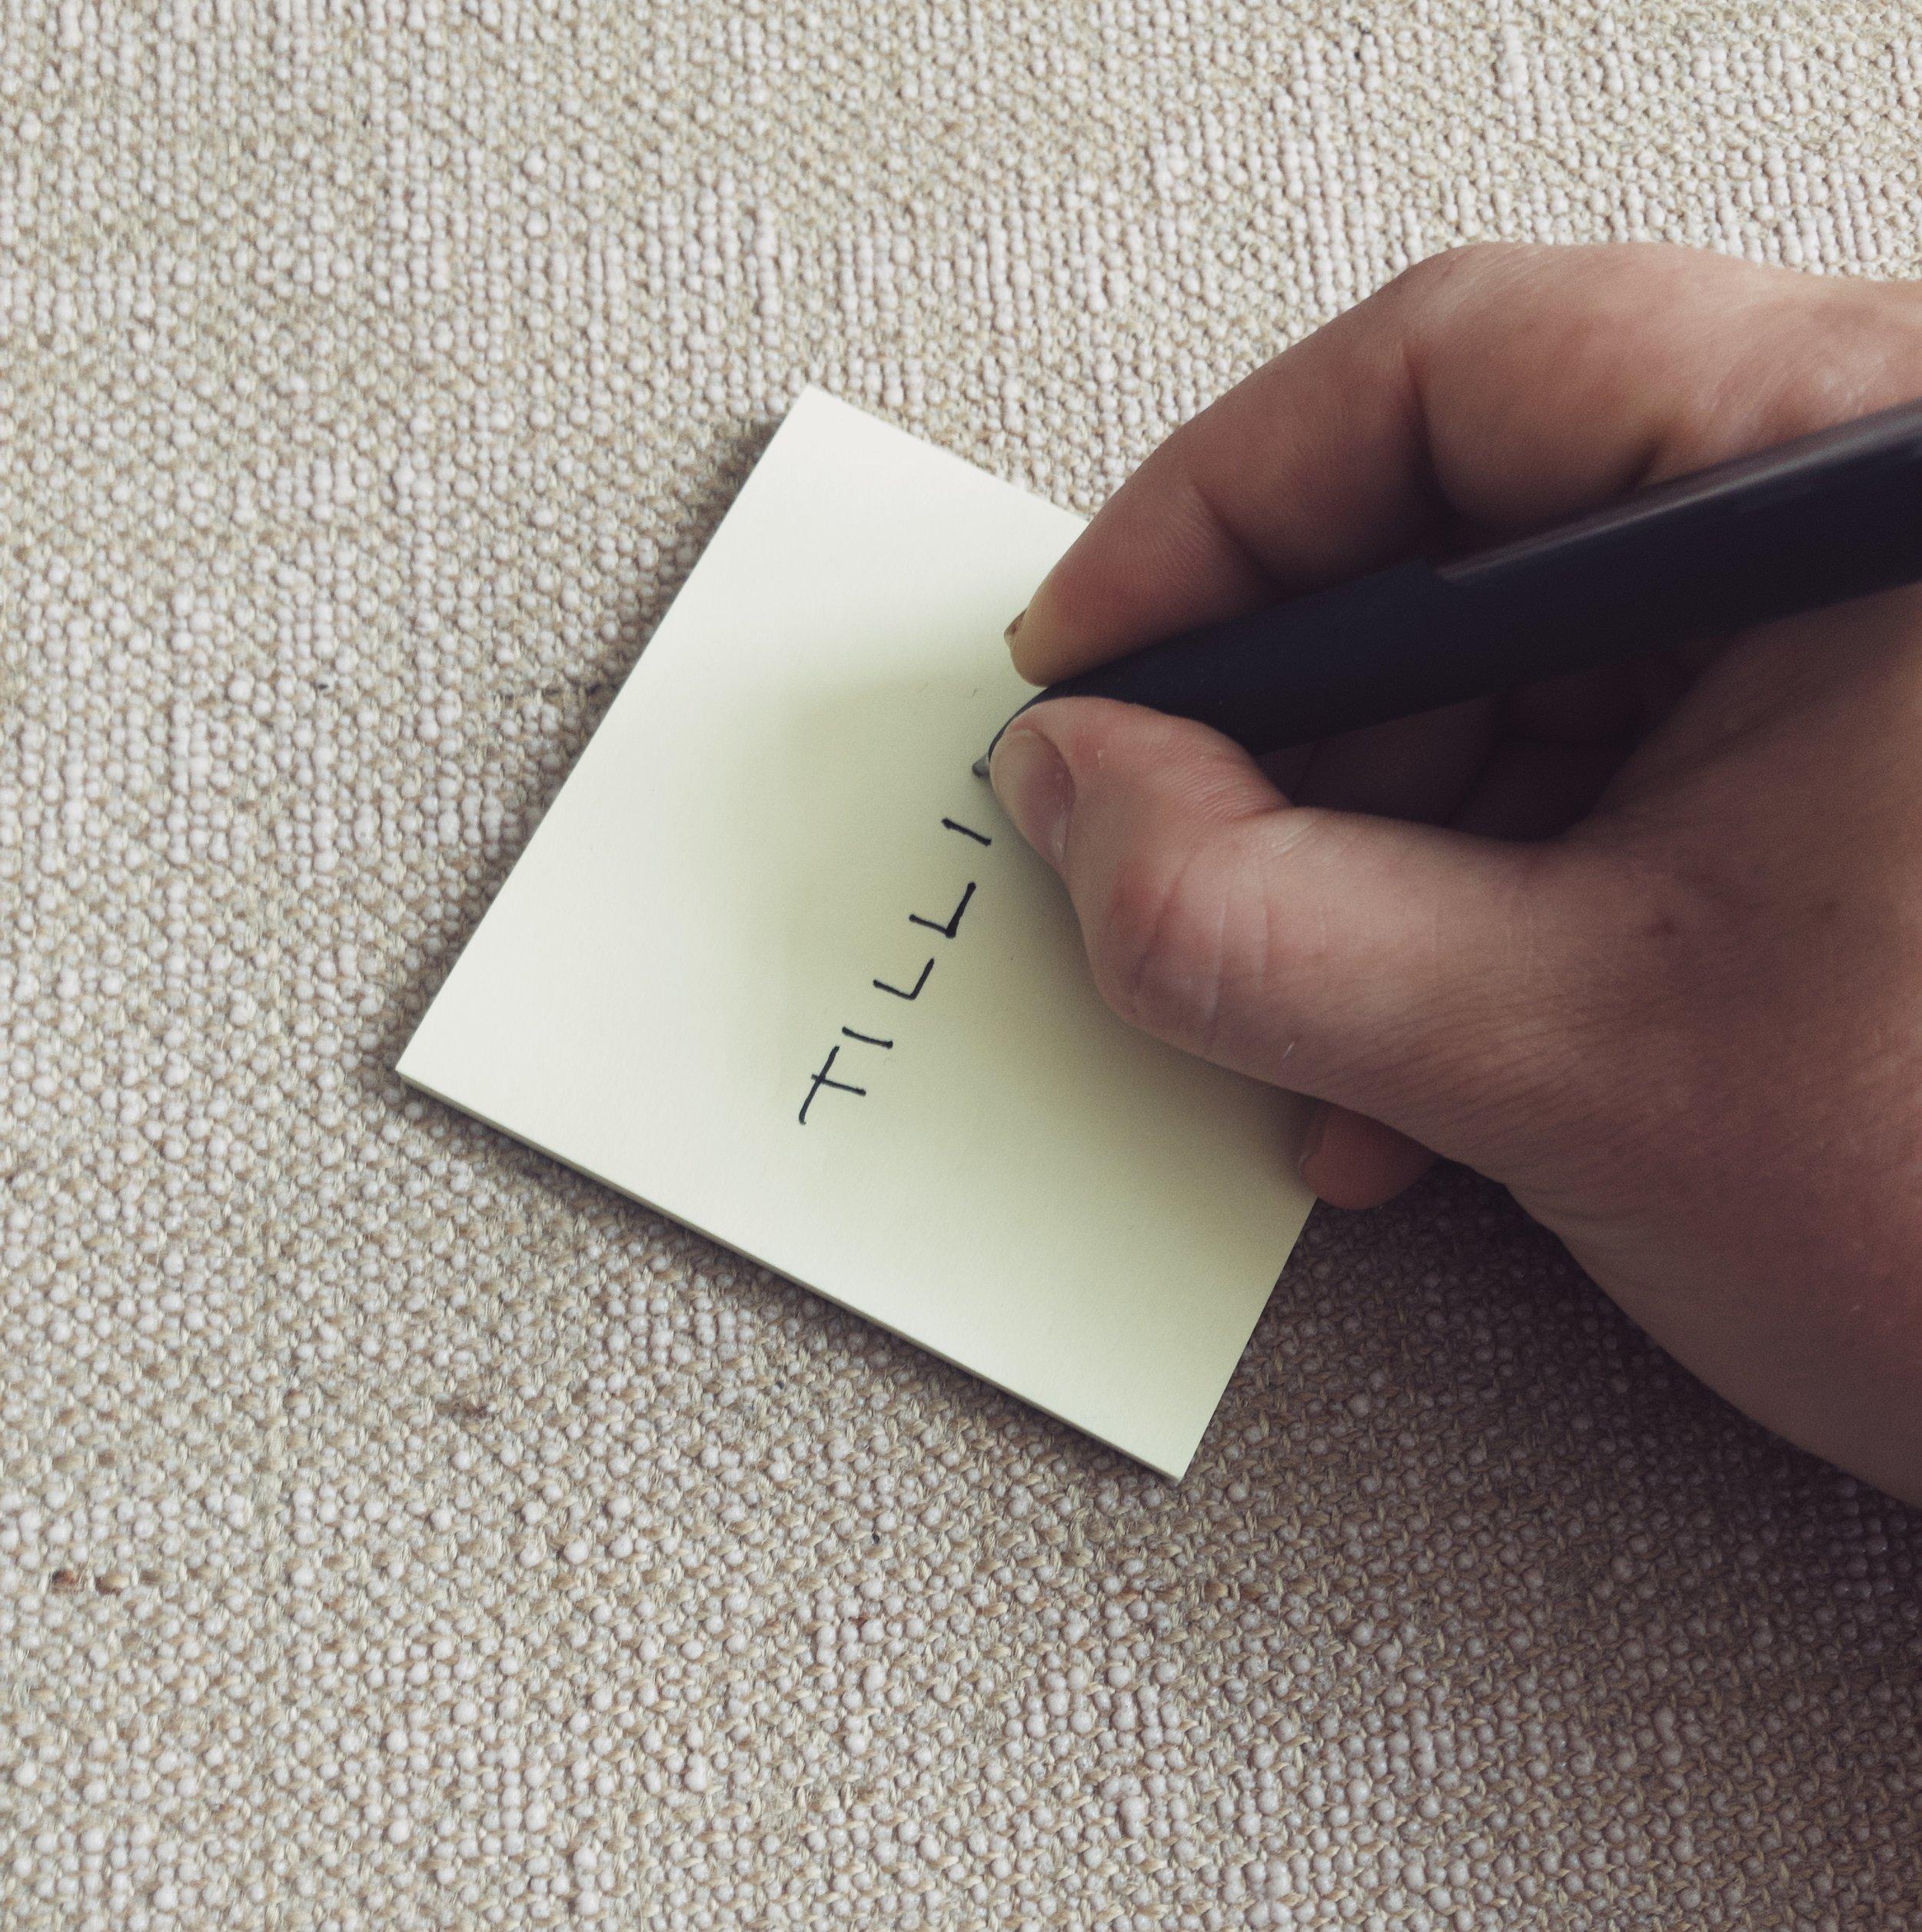 7. Tilføj nye værdier - Mærk efter om der er værdier/væremåder, som du vil tilføje din liste, fordi de vil støtte dig i at skabe balance og glæde i hverdagen - og skriv dem ned.